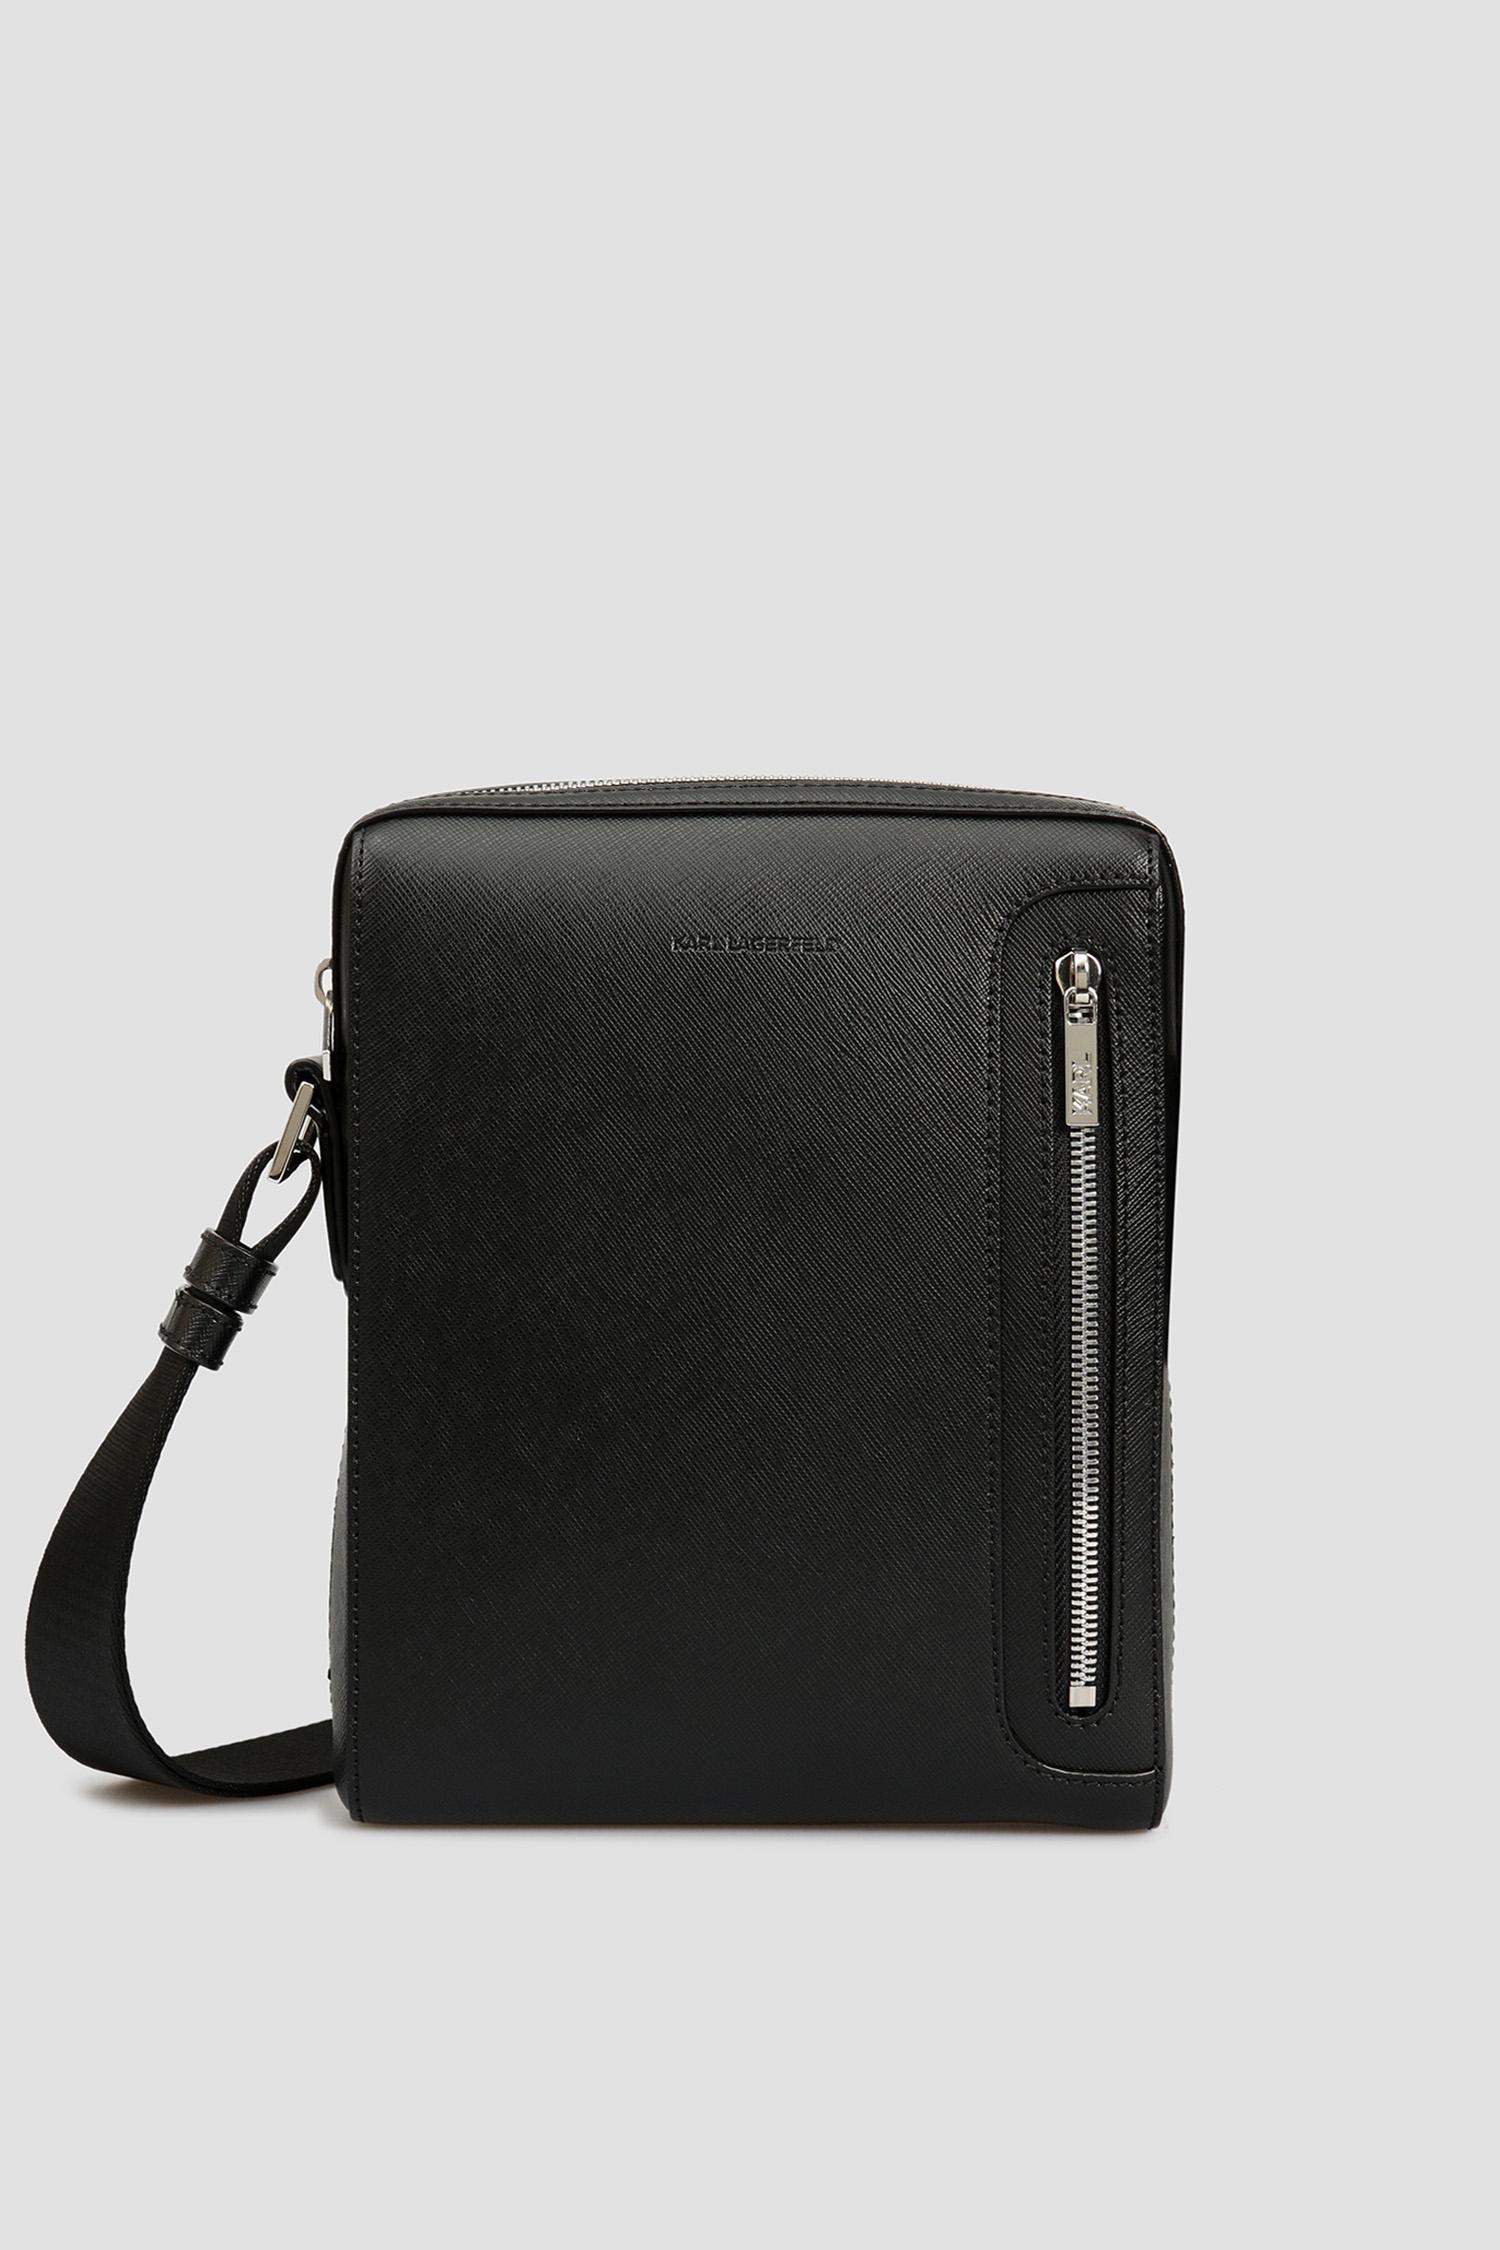 Чоловіча чорна шкіряна сумка через плече Karl Lagerfeld 502461.815409;990